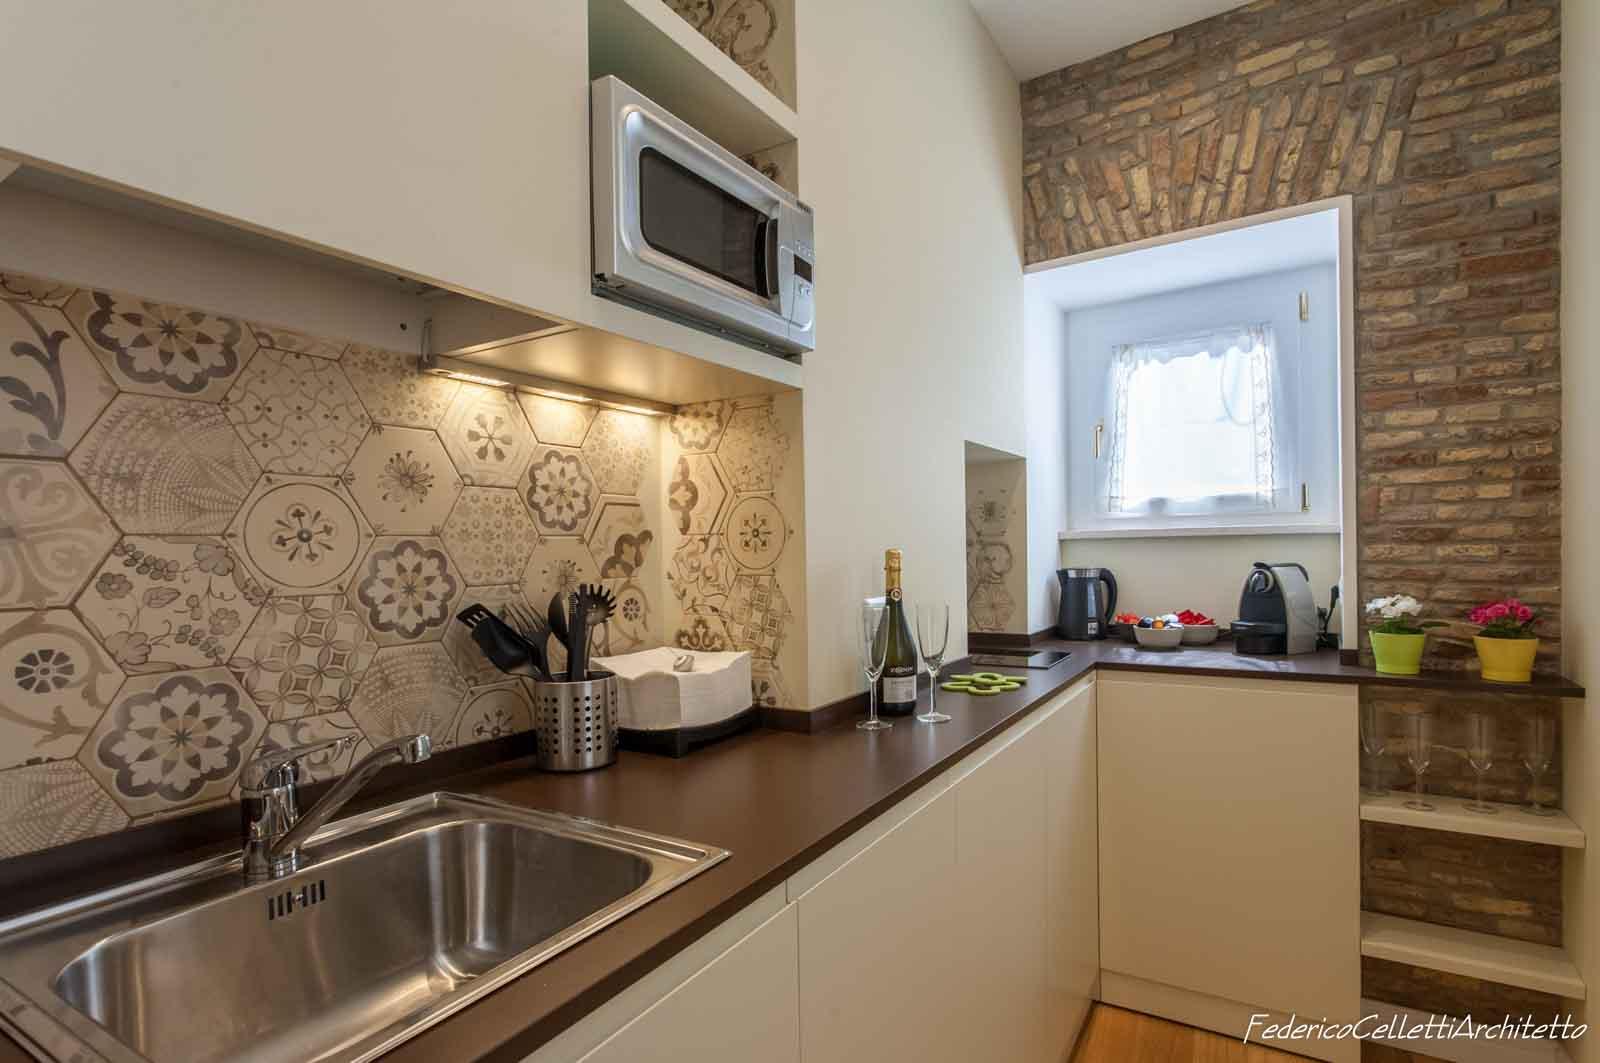 Architettura d 39 interni e ristrutturazione casa a roma for Architettura interni case